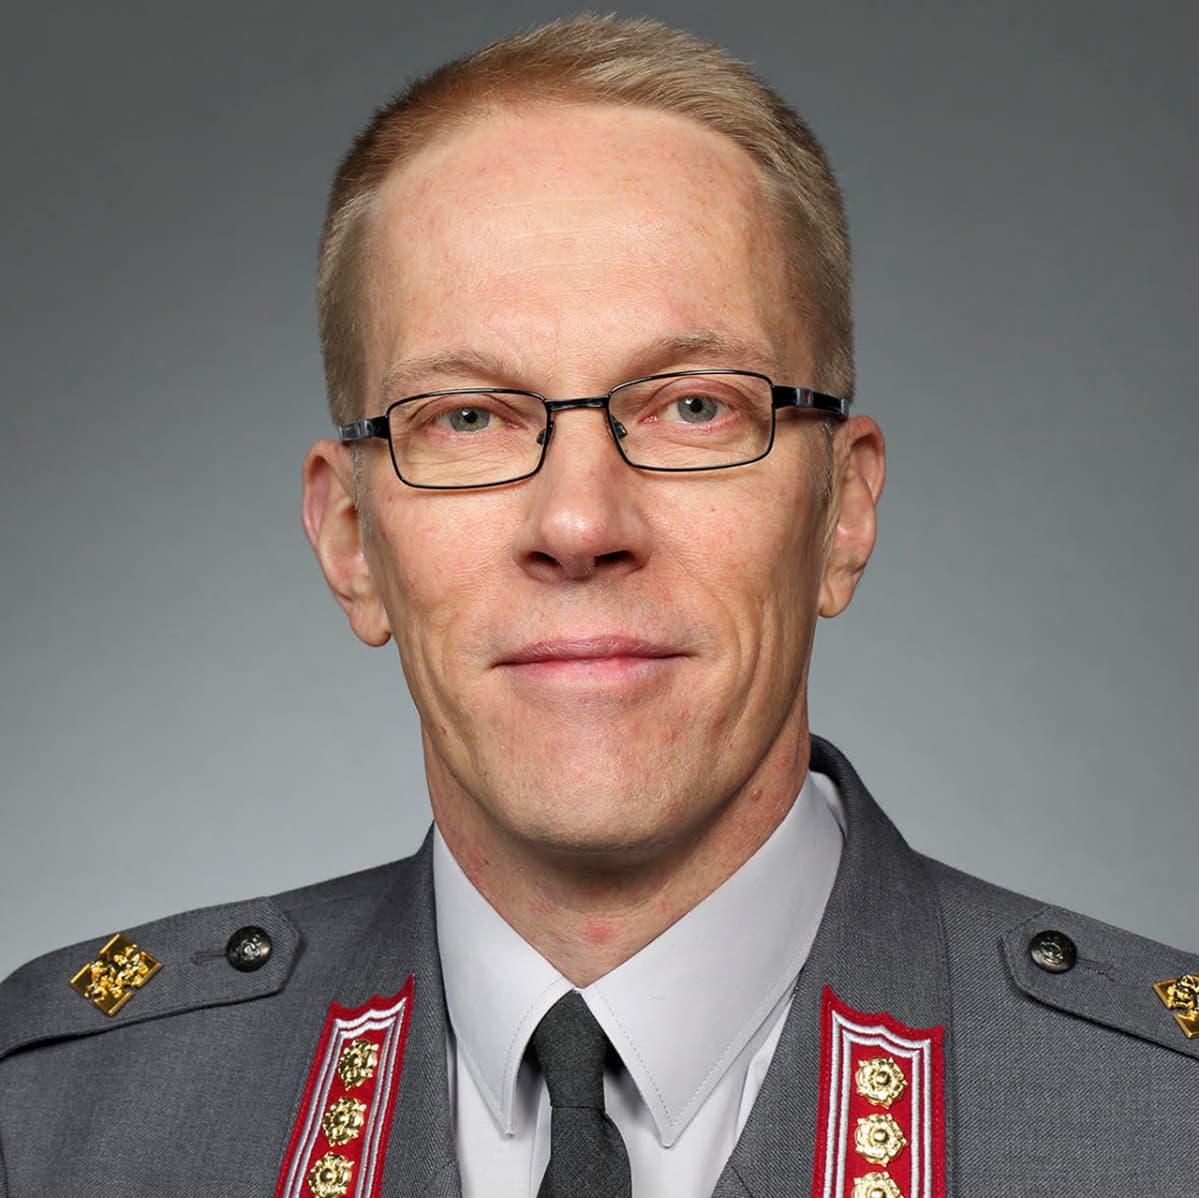 Mikko Soikkeli